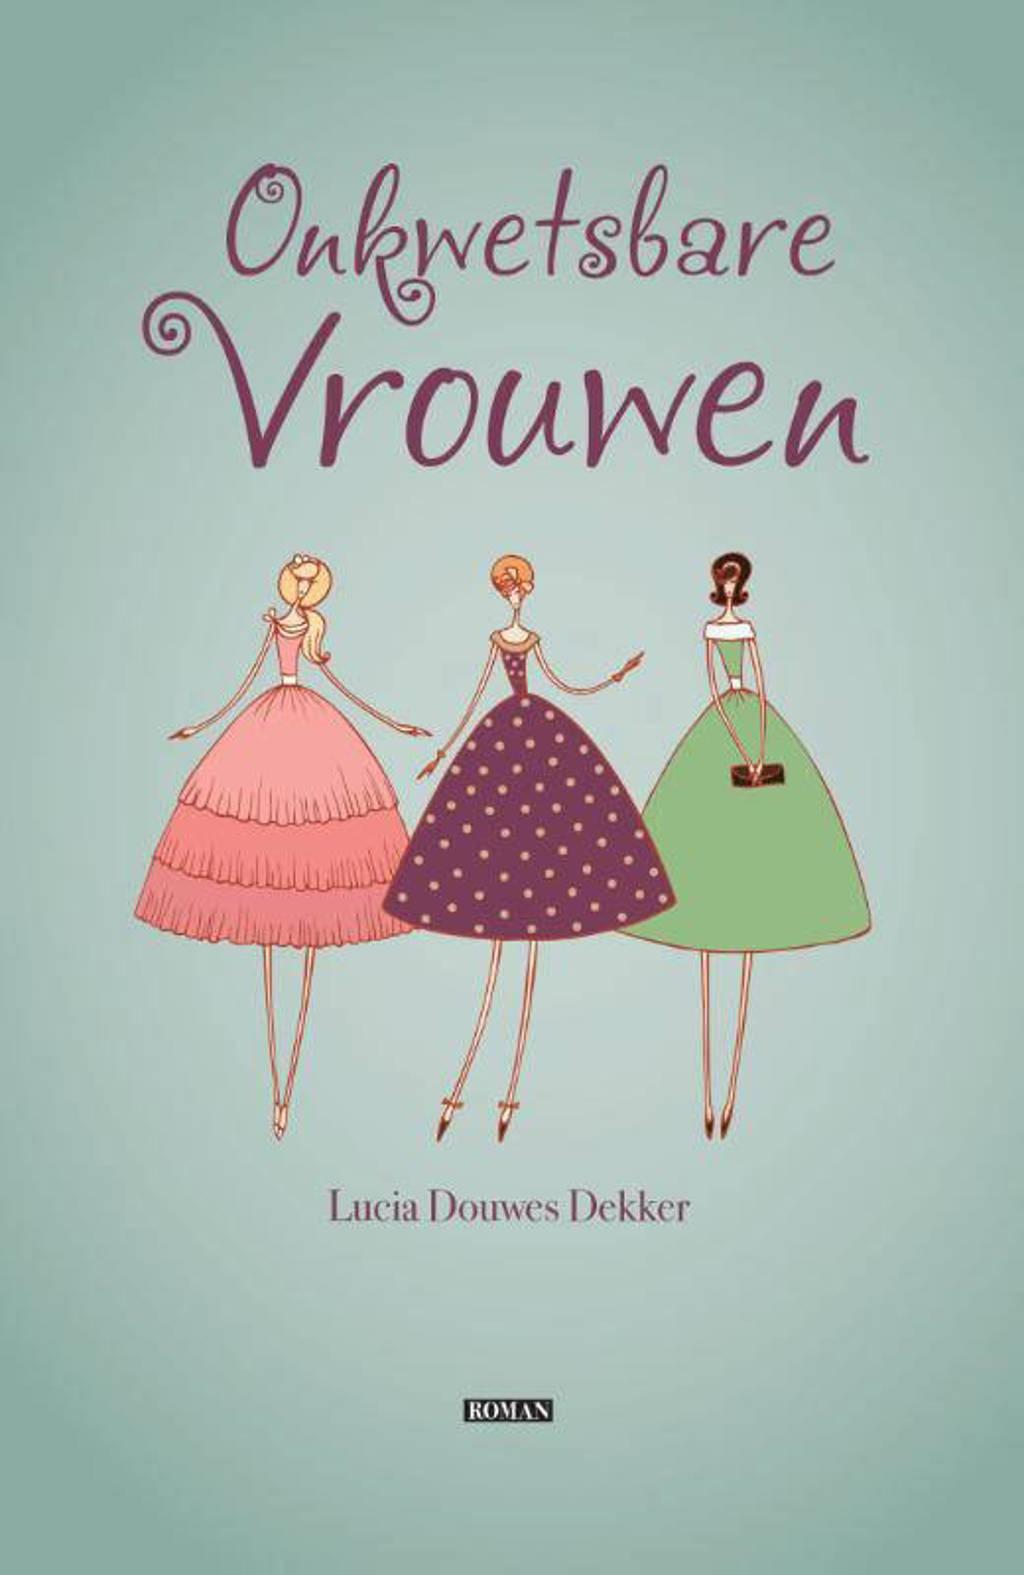 Onkwetsbare Vrouwen - Lucia Douwes Dekker-Koopmans